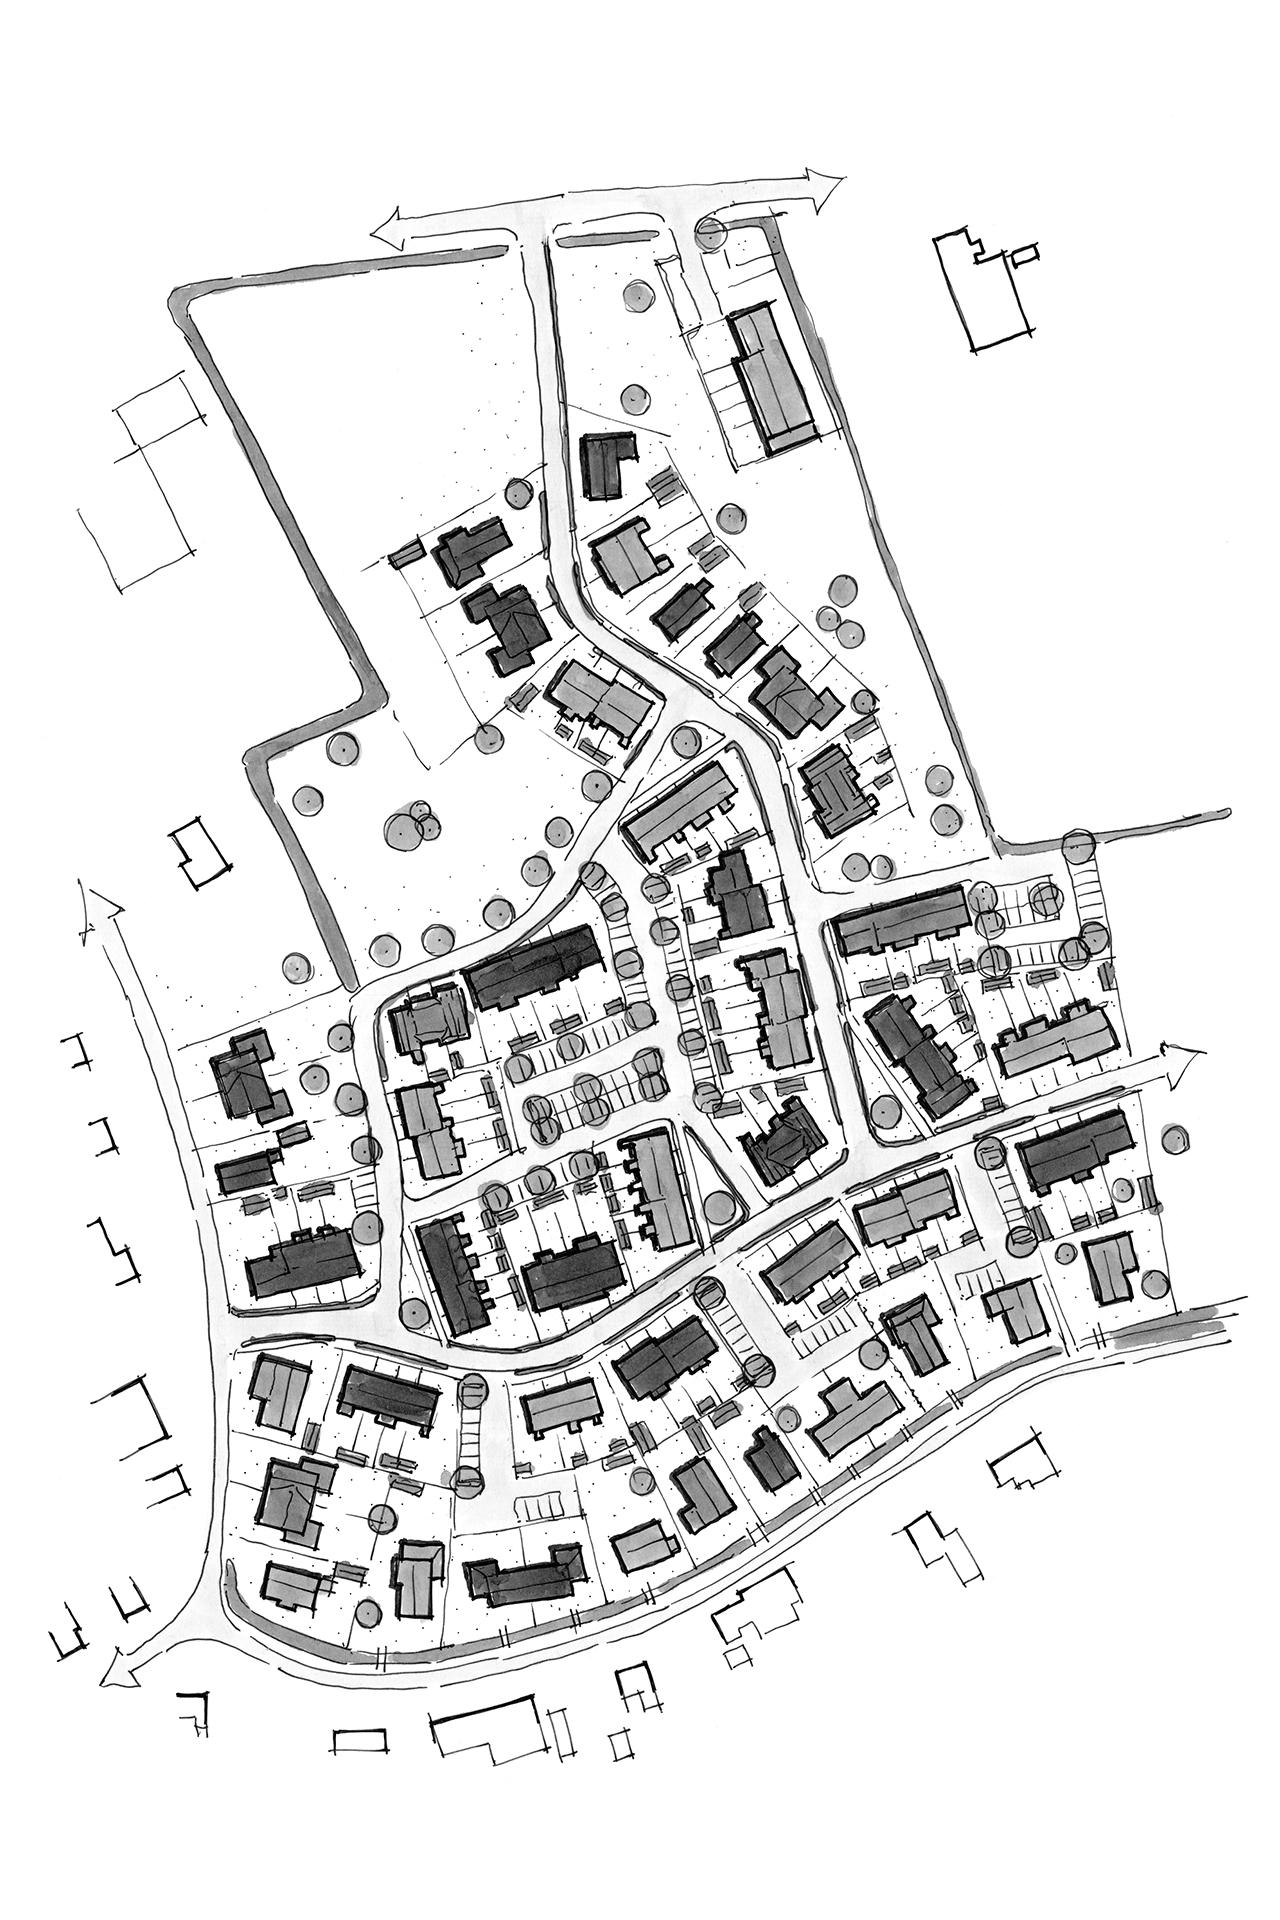 Welgelegen (Ouddorp) woningbouw - schets planstudie